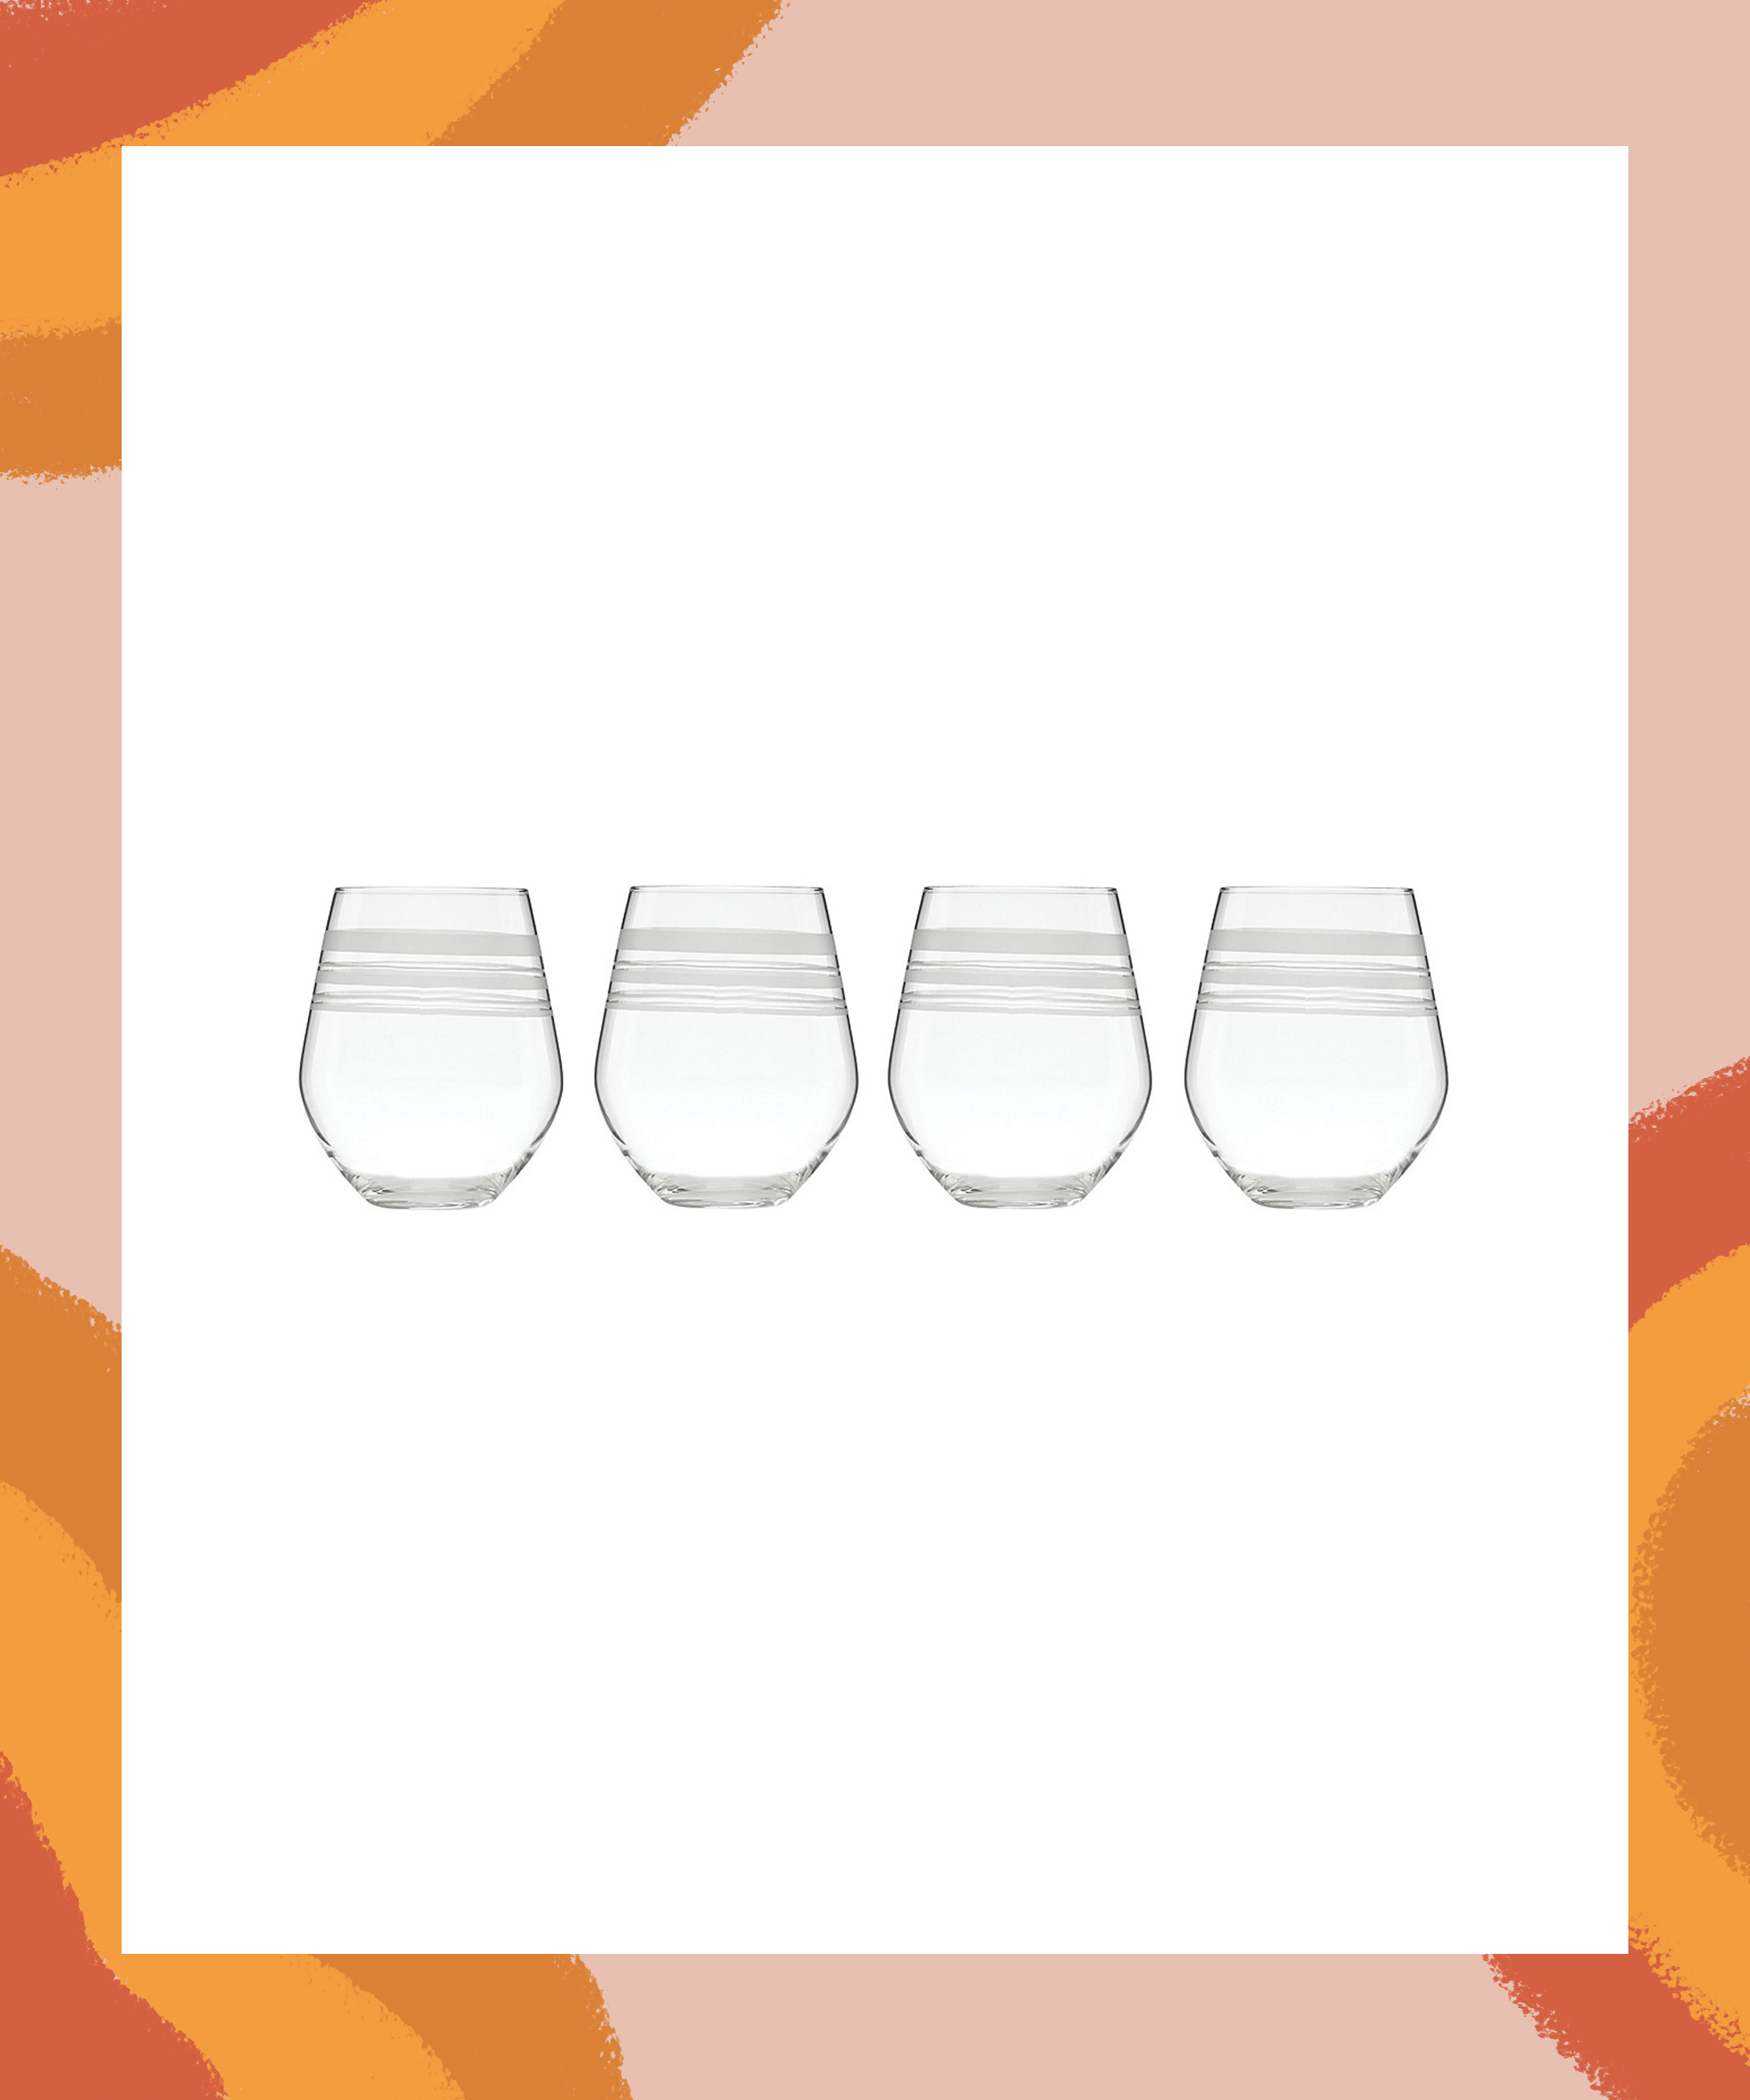 https   www.refinery29.com en-us must-have-wedding-registry-items ... 0f01dffbb3